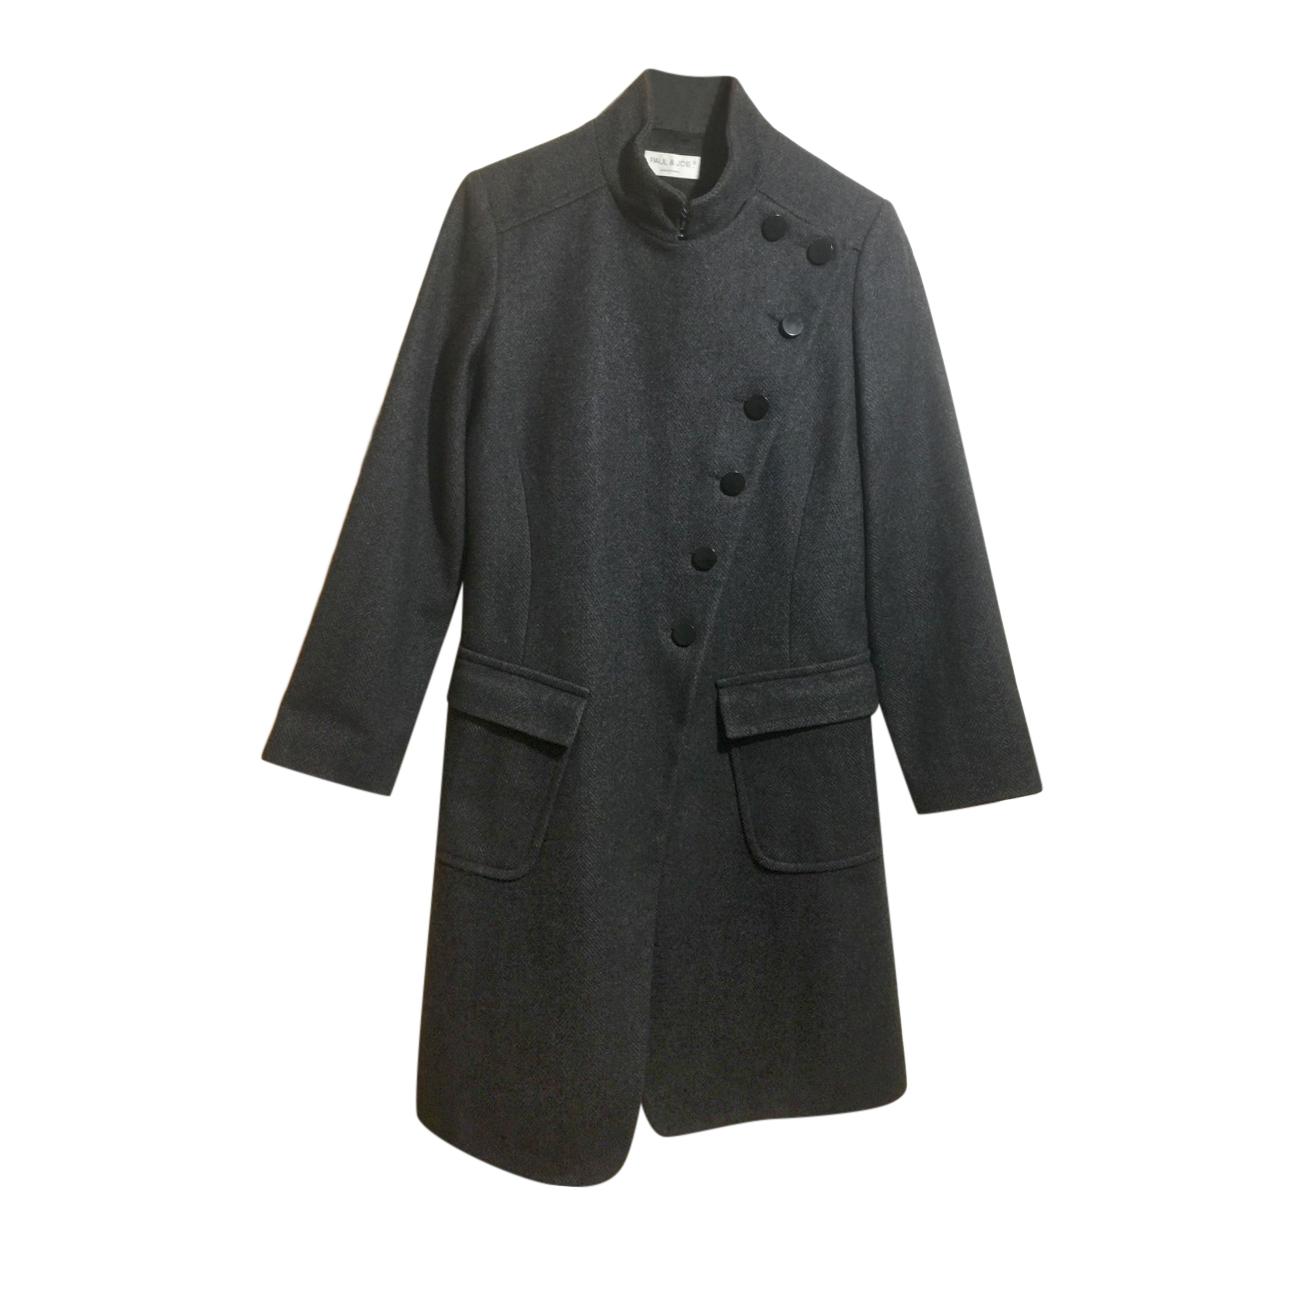 Paul & Joe herringbone asymmetric coat